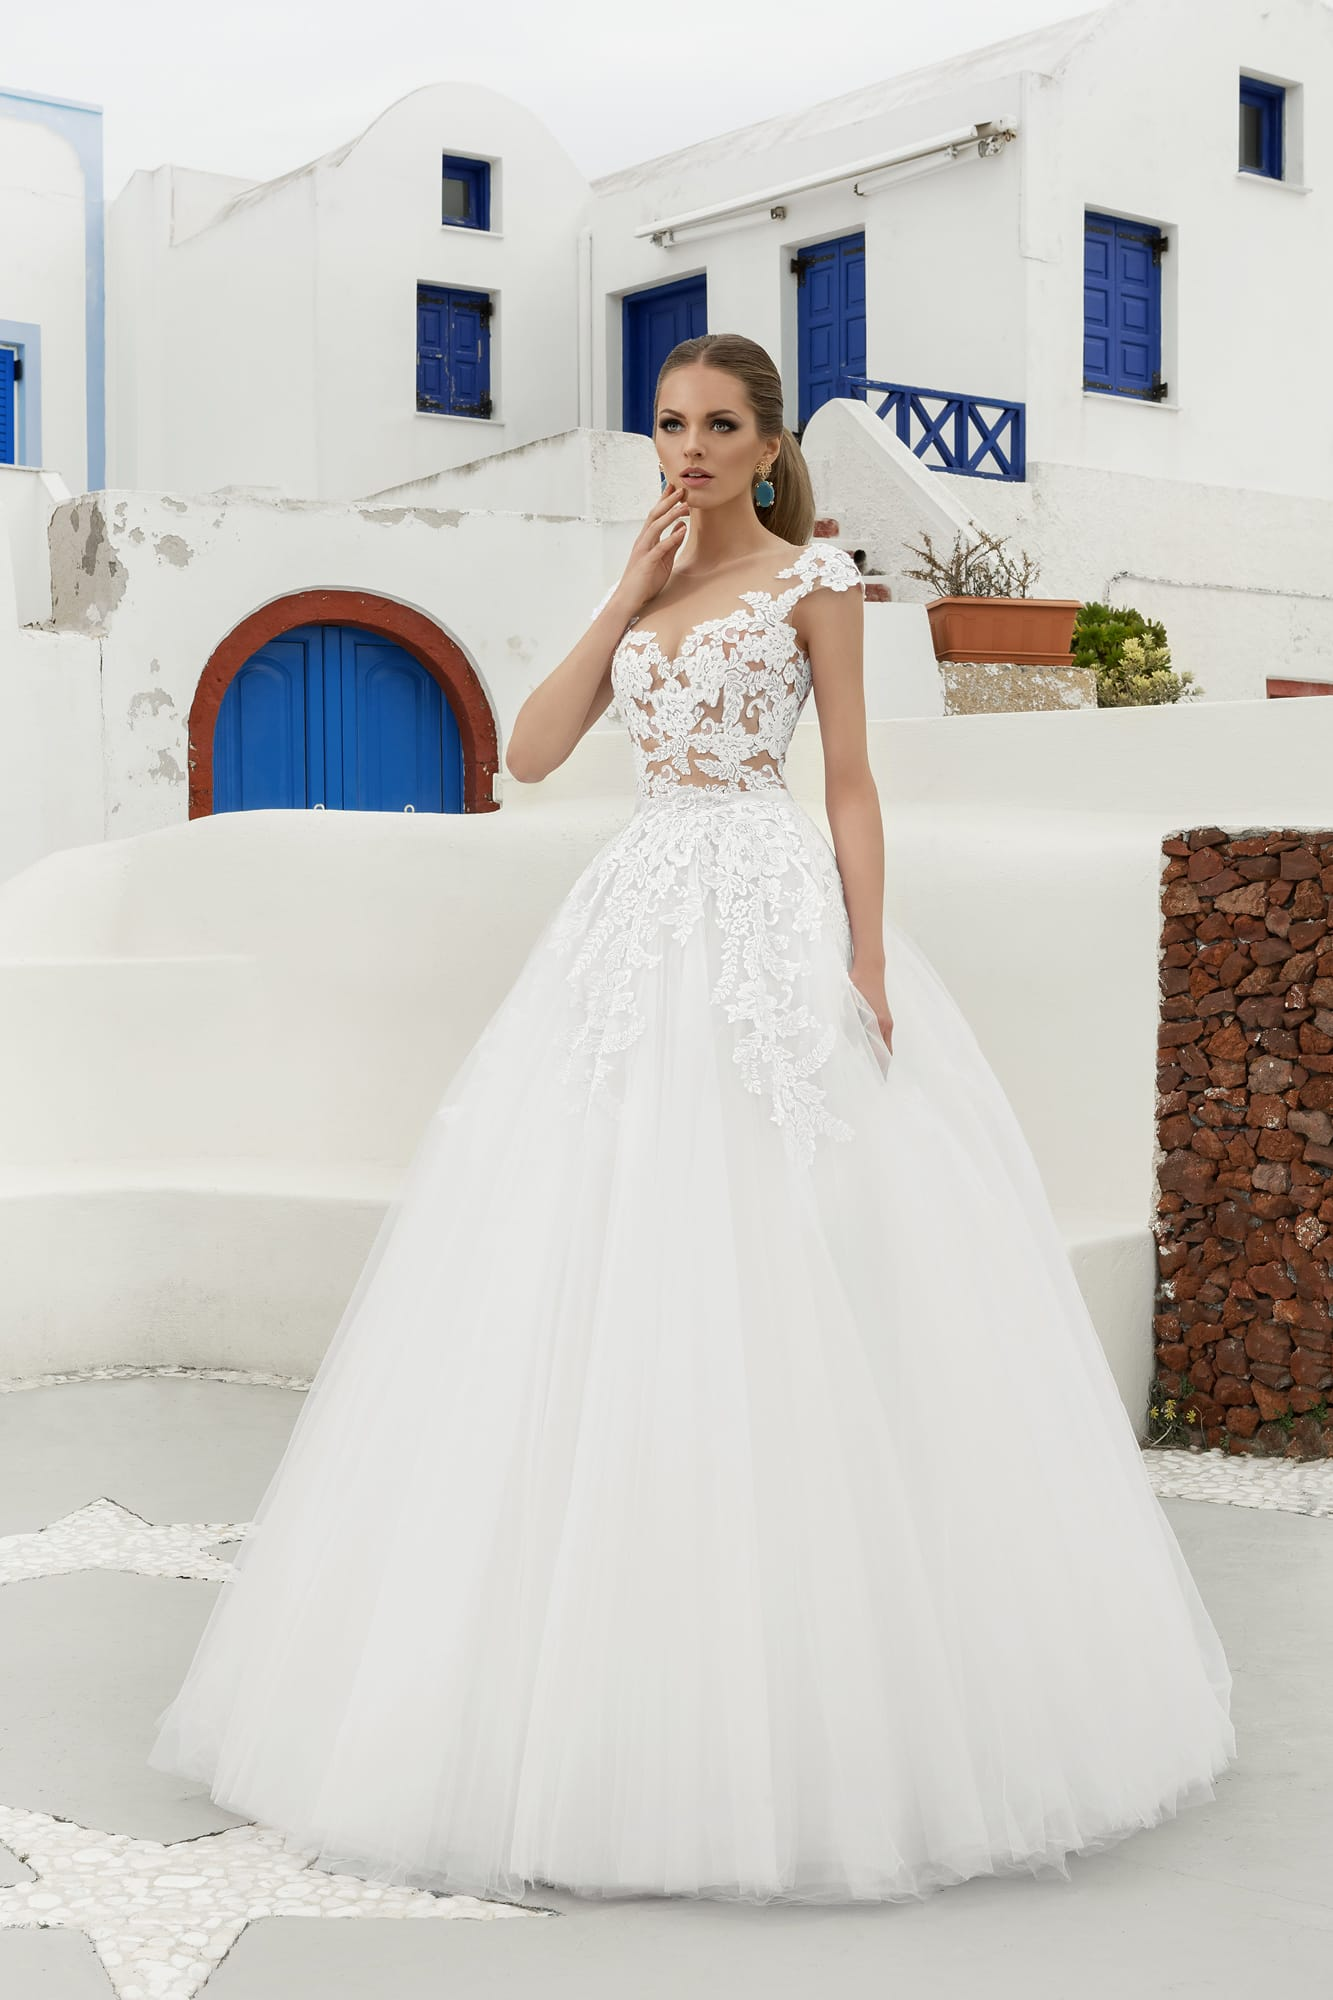 b1d3e8f2b0c Свадебное платье Lanesta Бьянка ▷ Свадебный Торговый Центр Вега в ...